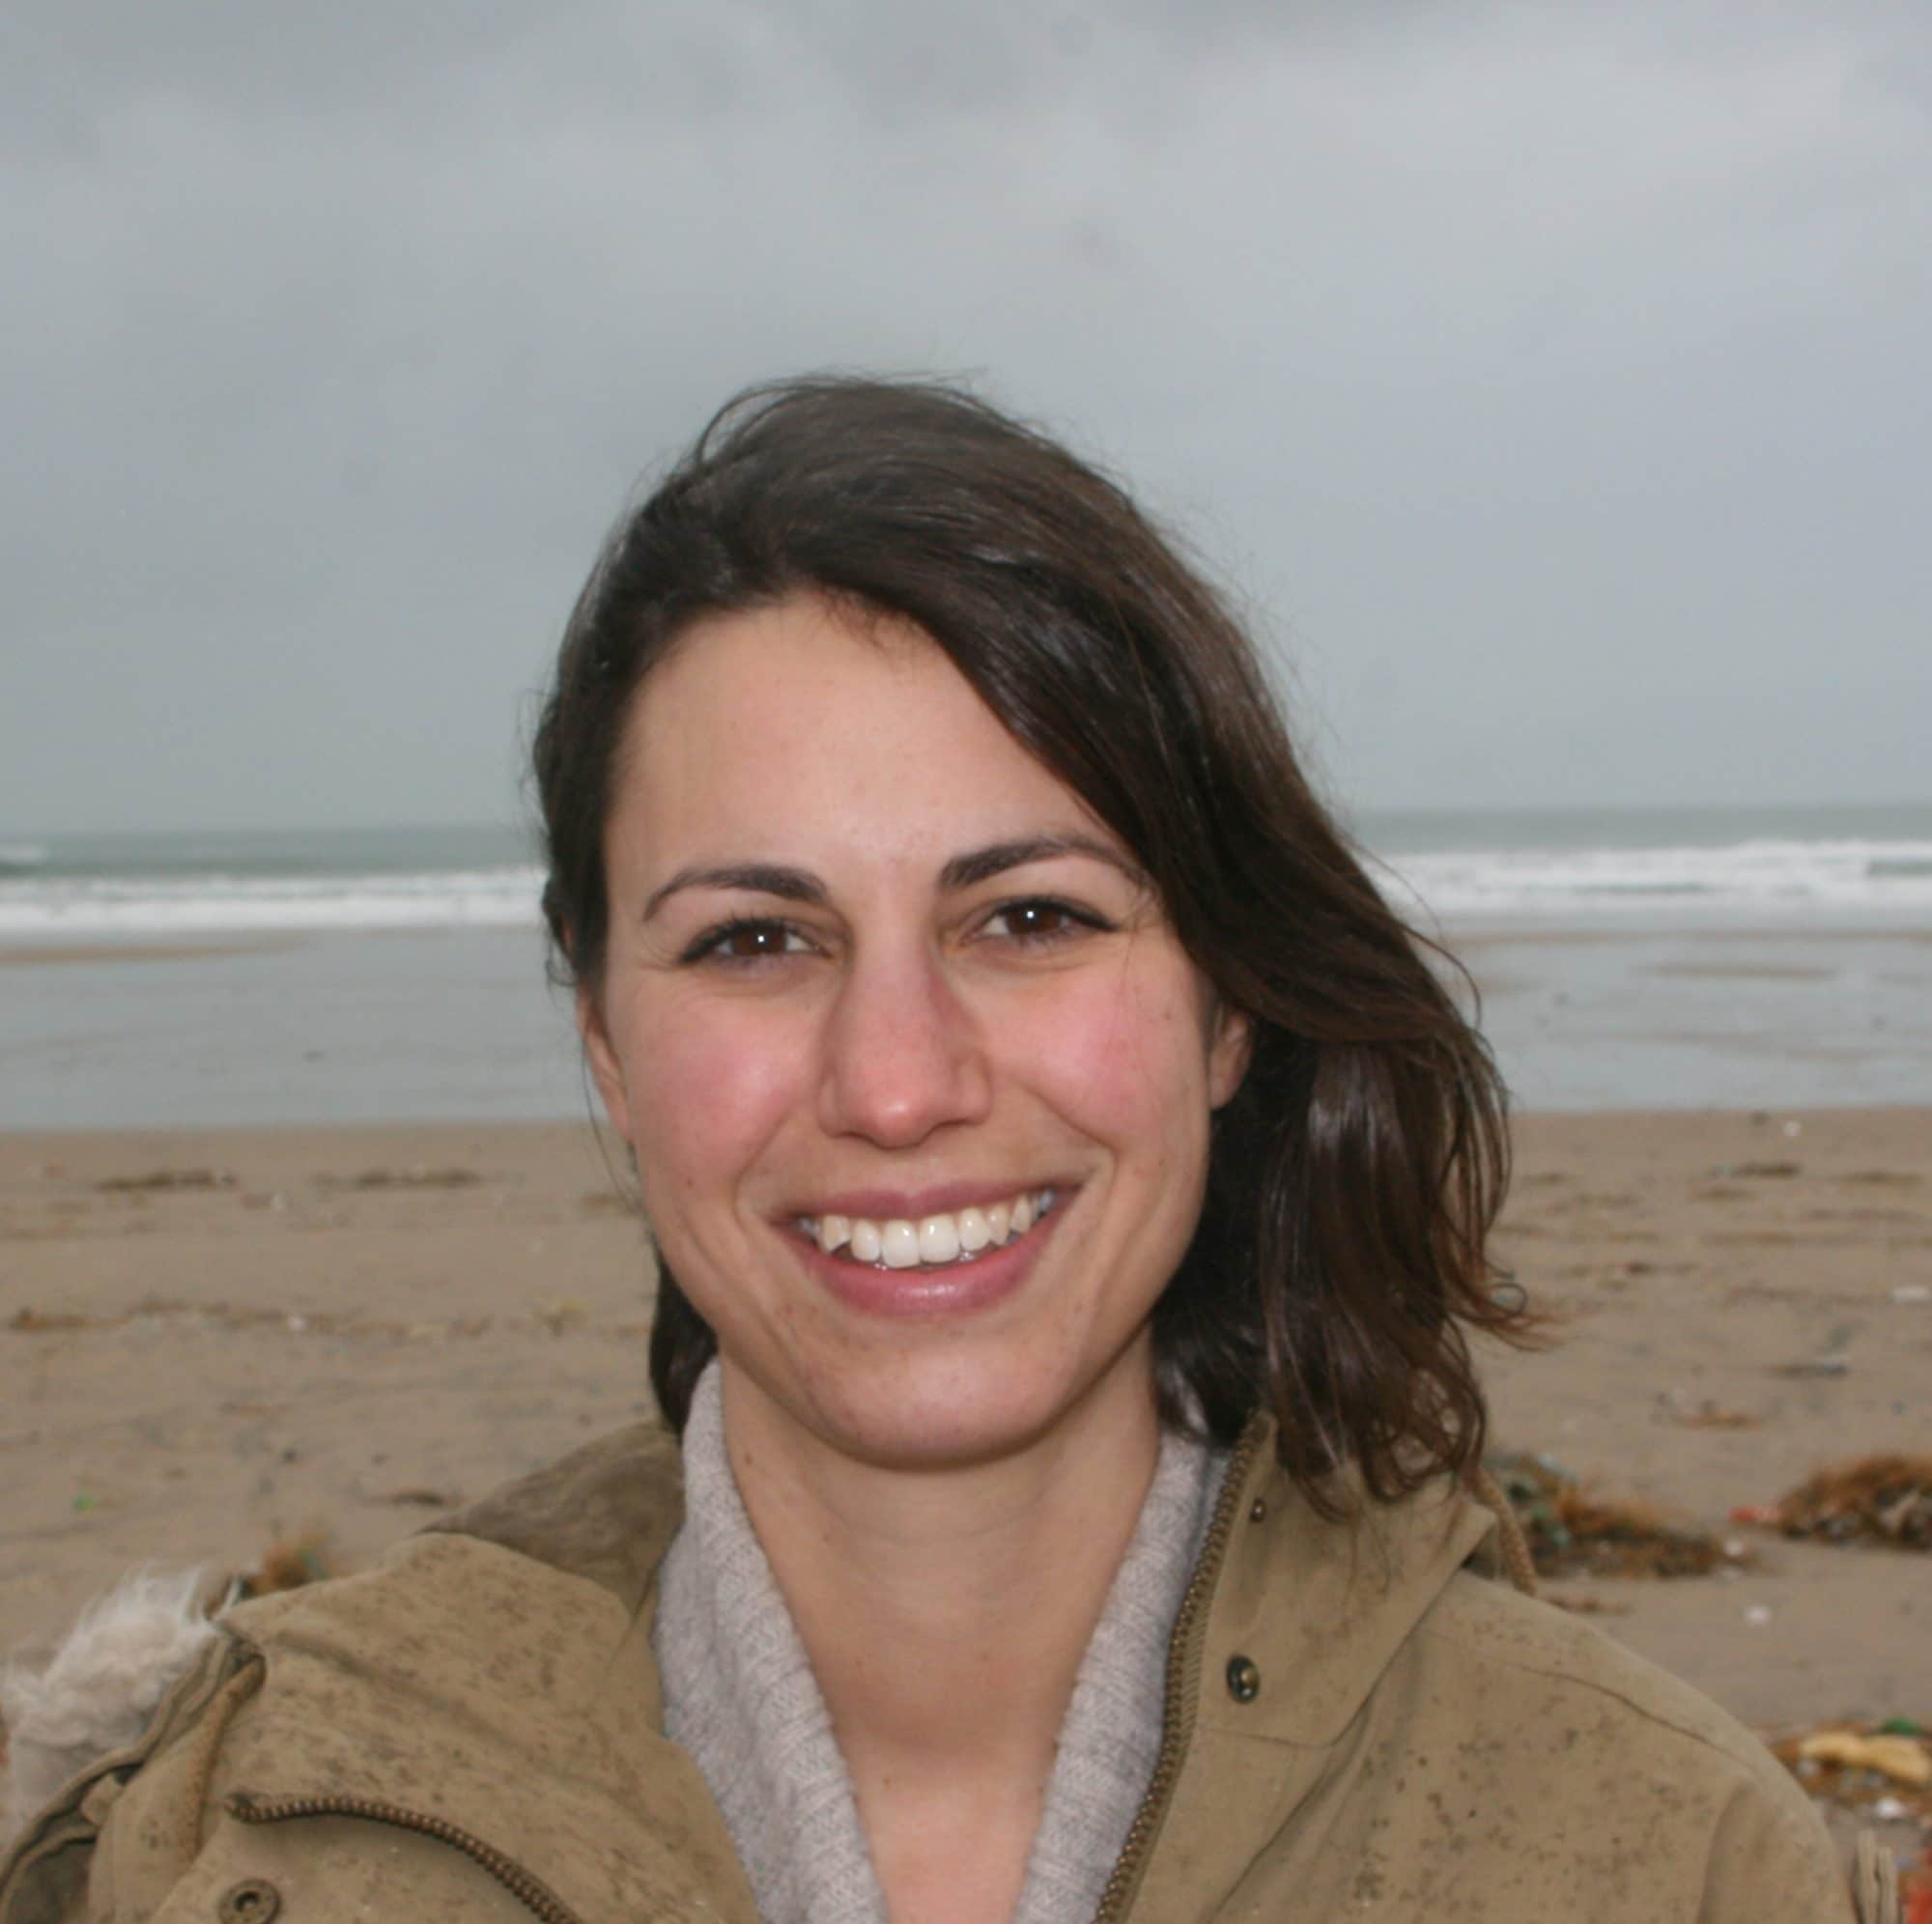 Jessica North